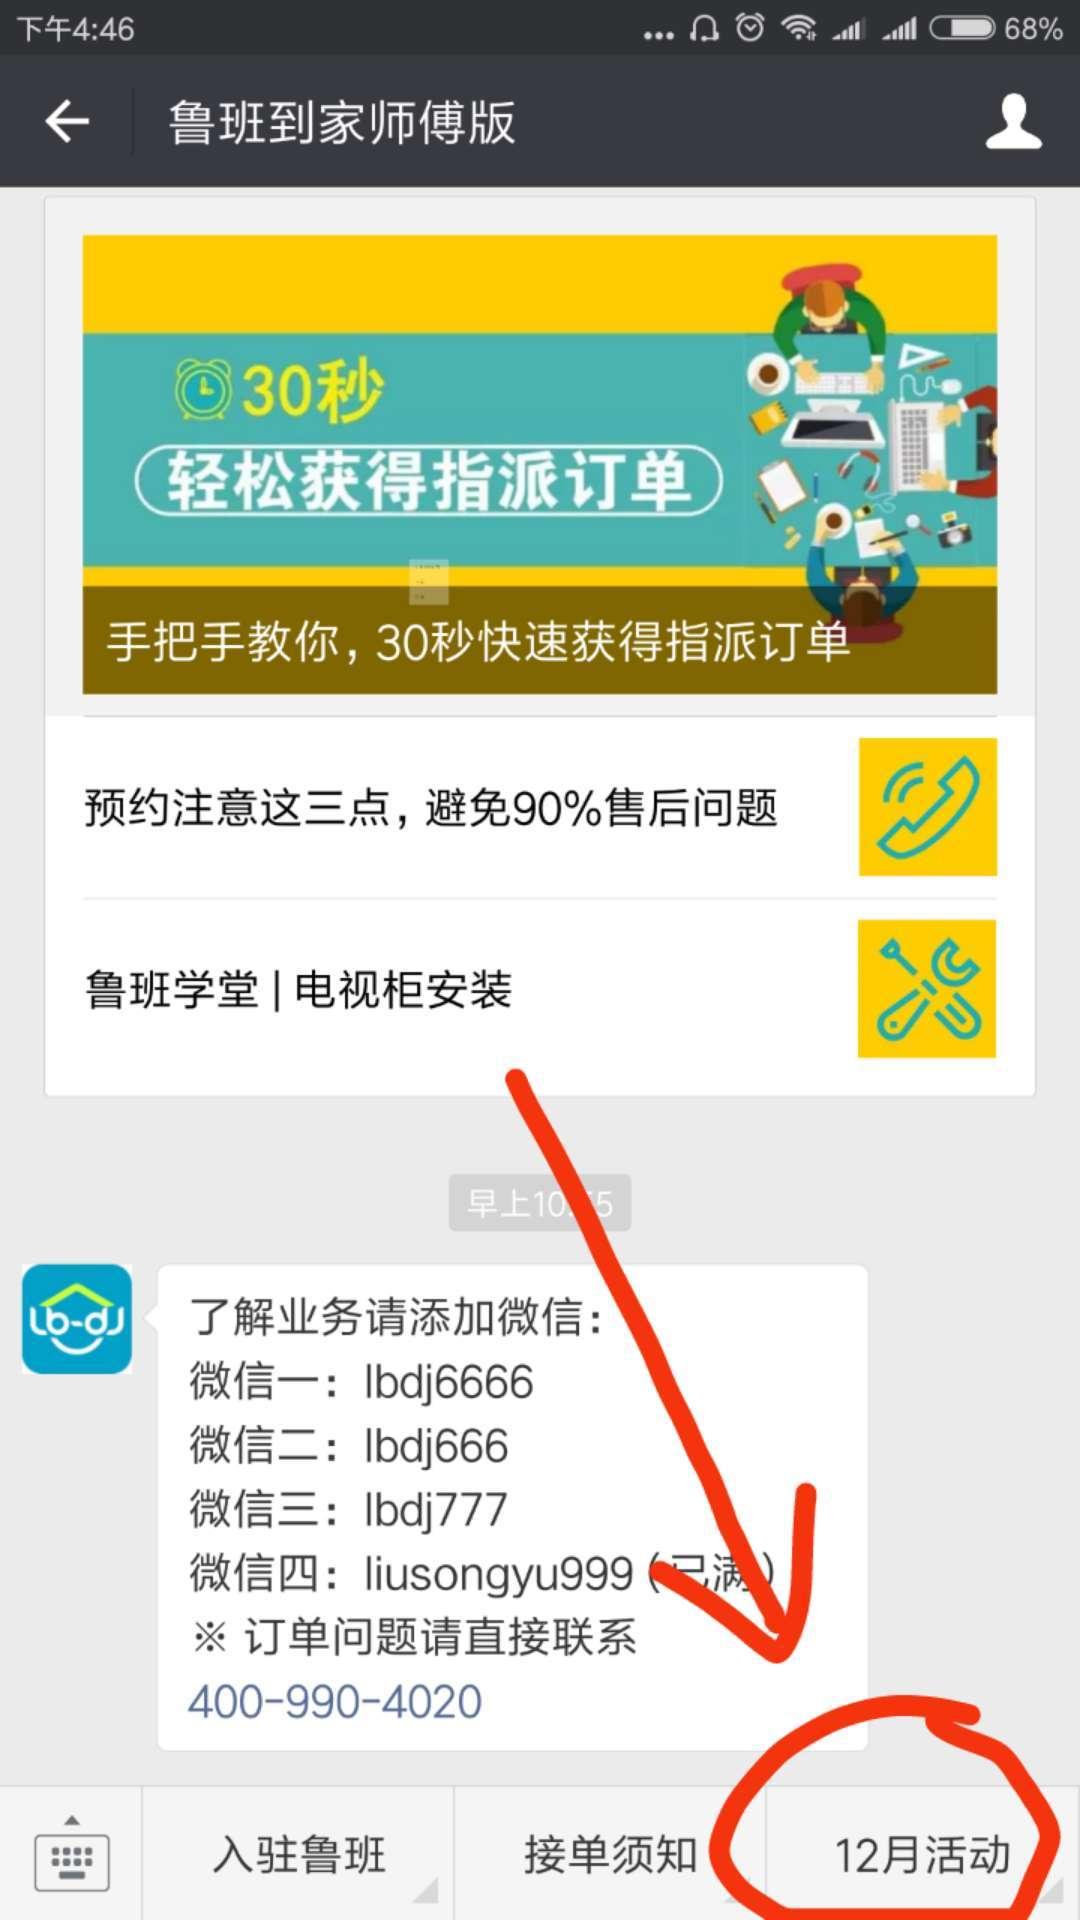 保证金特权可以免费申请体验了!_搜狐游戏_搜狐网